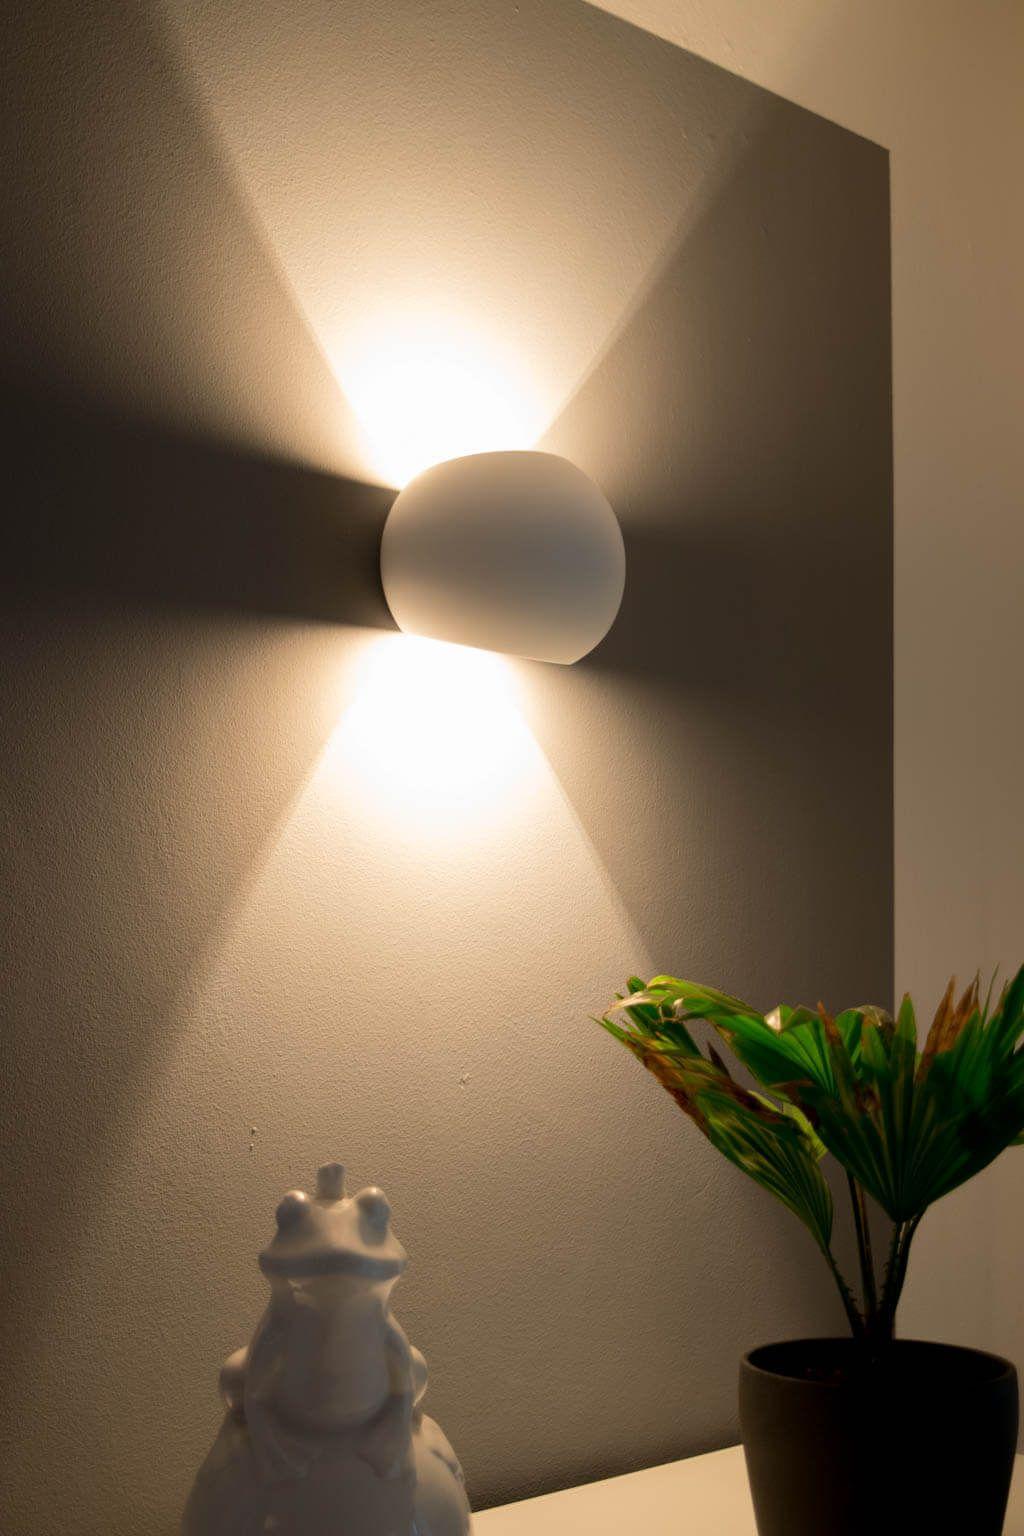 Full Size of Wandlampen Schlafzimmer Dimmbare Led Unsere Wandleuchten Frs Wohnzimmer Mit überbau Fototapete Landhaus Deckenleuchte Lampen Günstige Komplett Guenstig Wohnzimmer Wandlampen Schlafzimmer